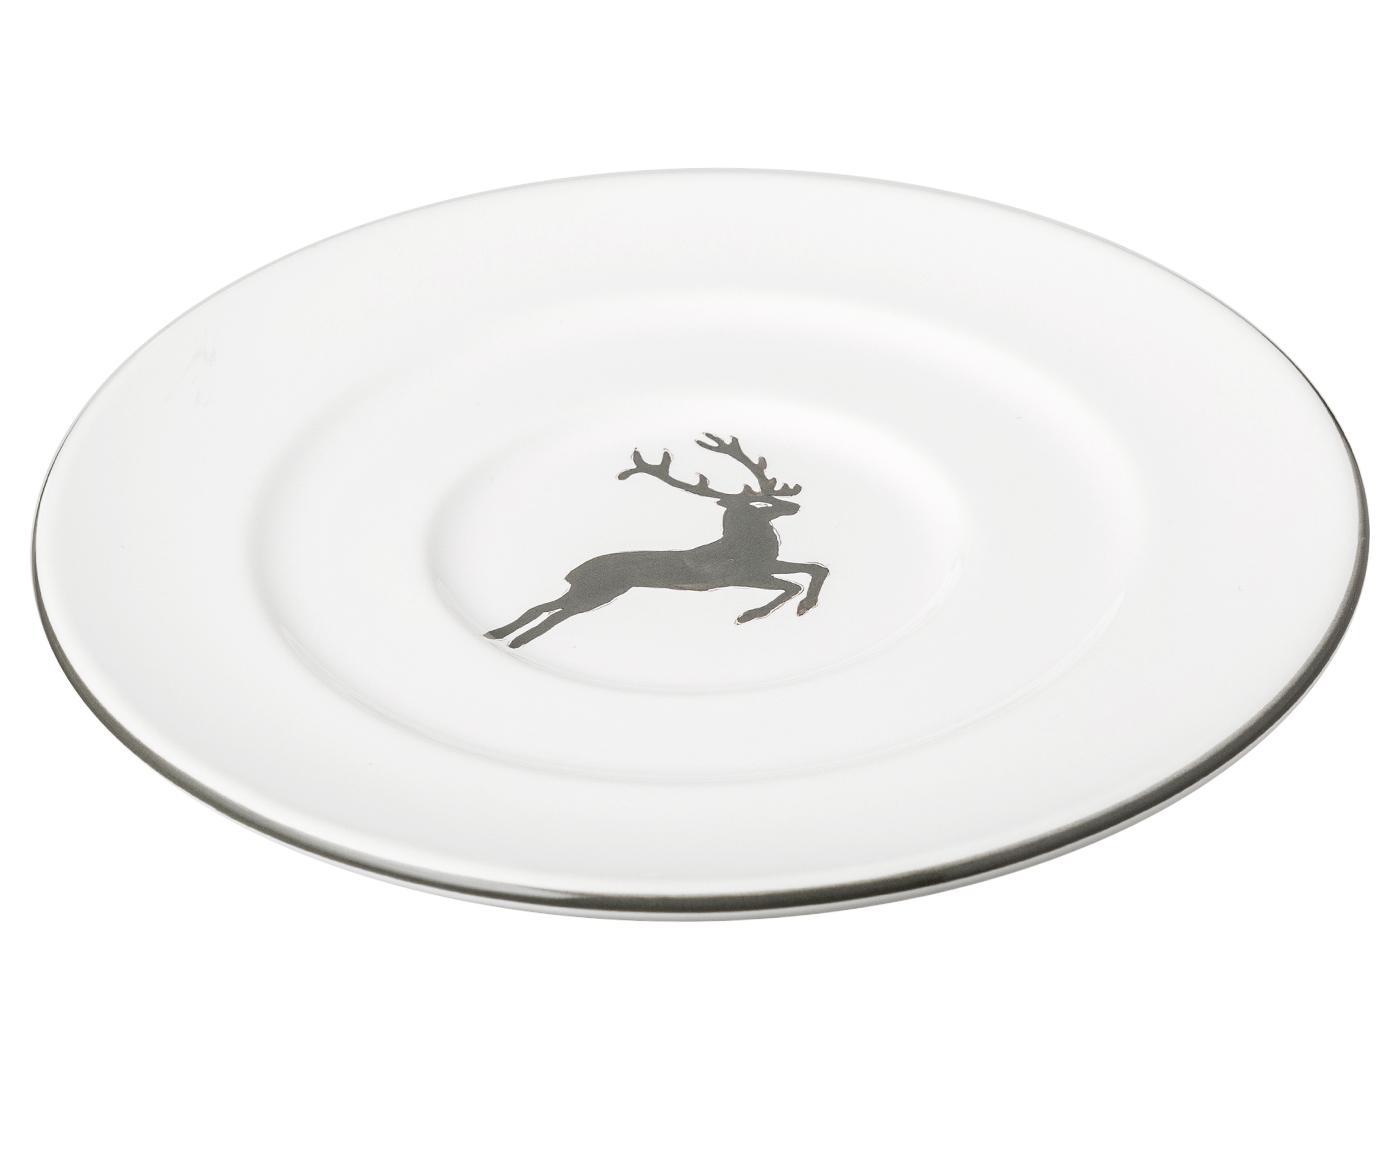 Schoteltje gourmet Grey Deer, Keramiek, Grijs, wit, Ø 16 cm